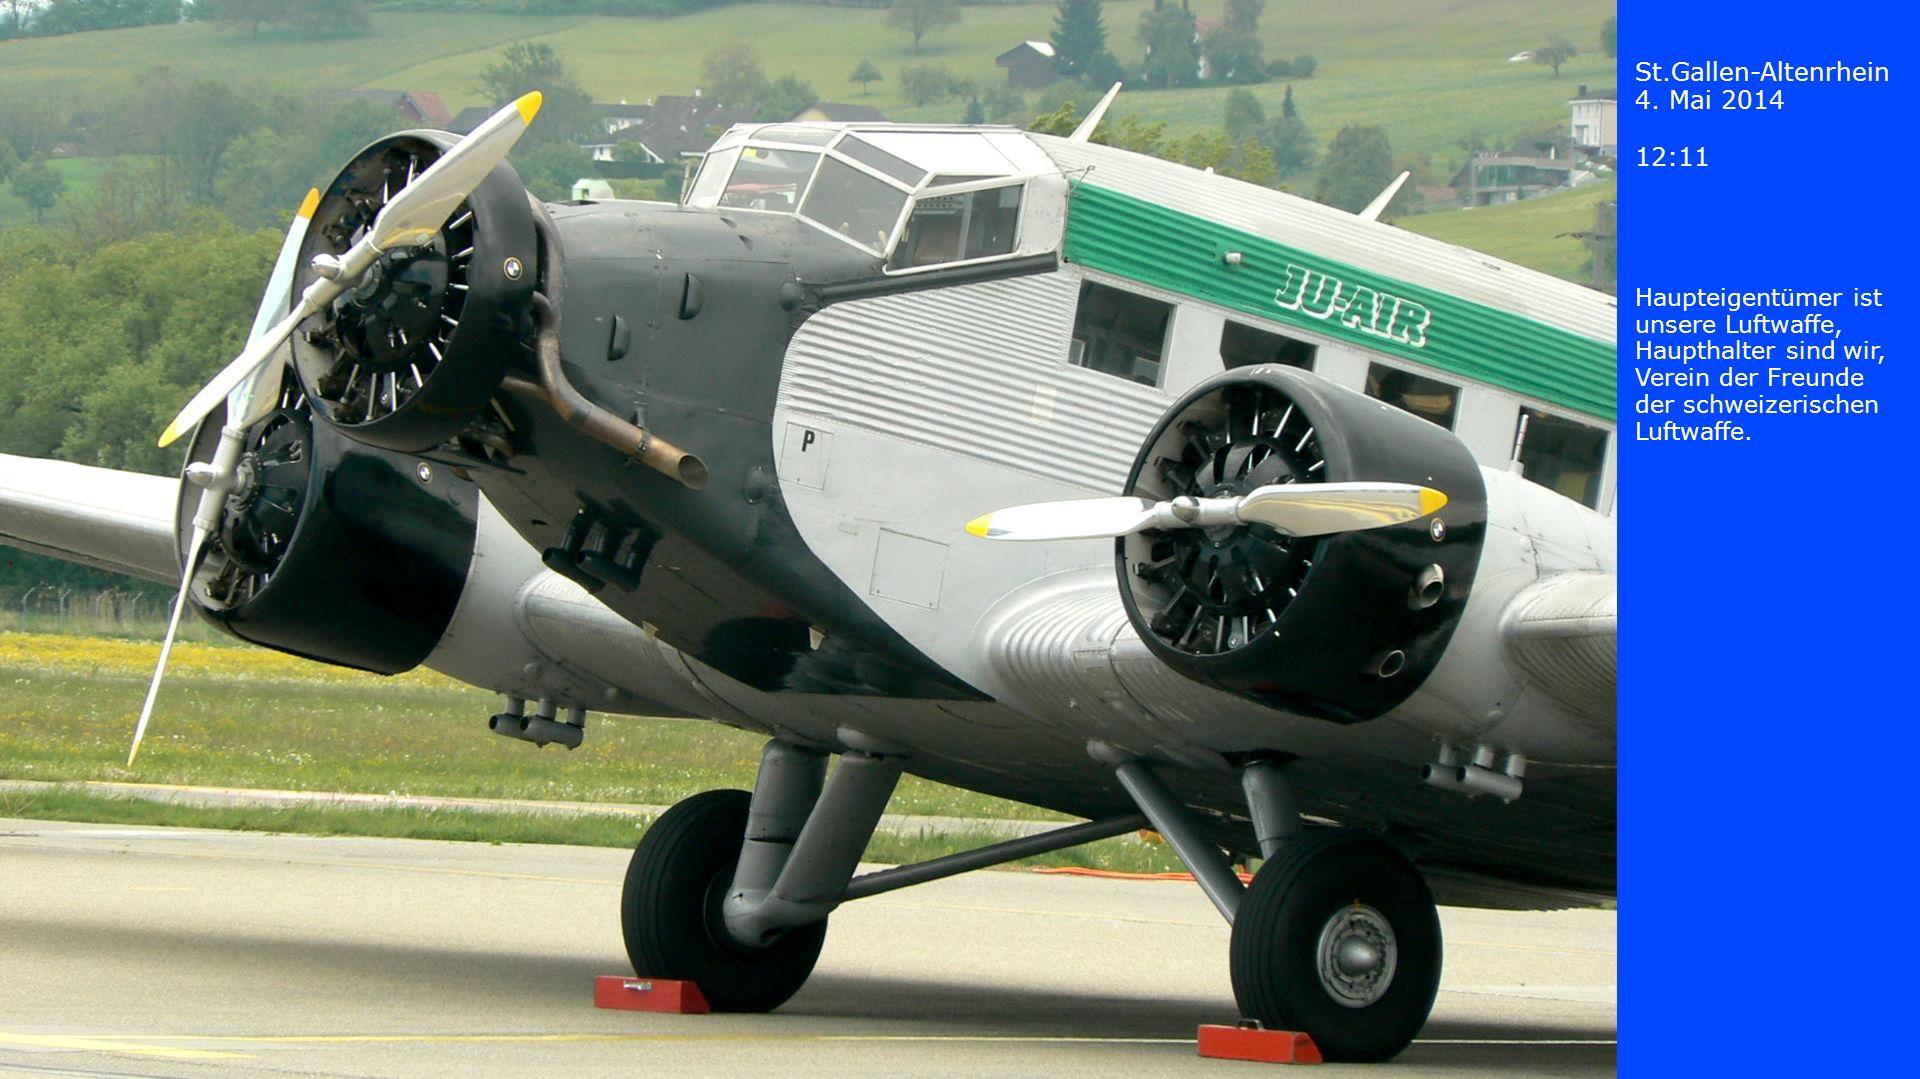 St.Gallen-Altenrhein 4. Mai 2014 12:11 Haupteigentümer ist unsere Luftwaffe, Haupthalter sind wir, Verein der Freunde der schweizerischen Luftwaffe.